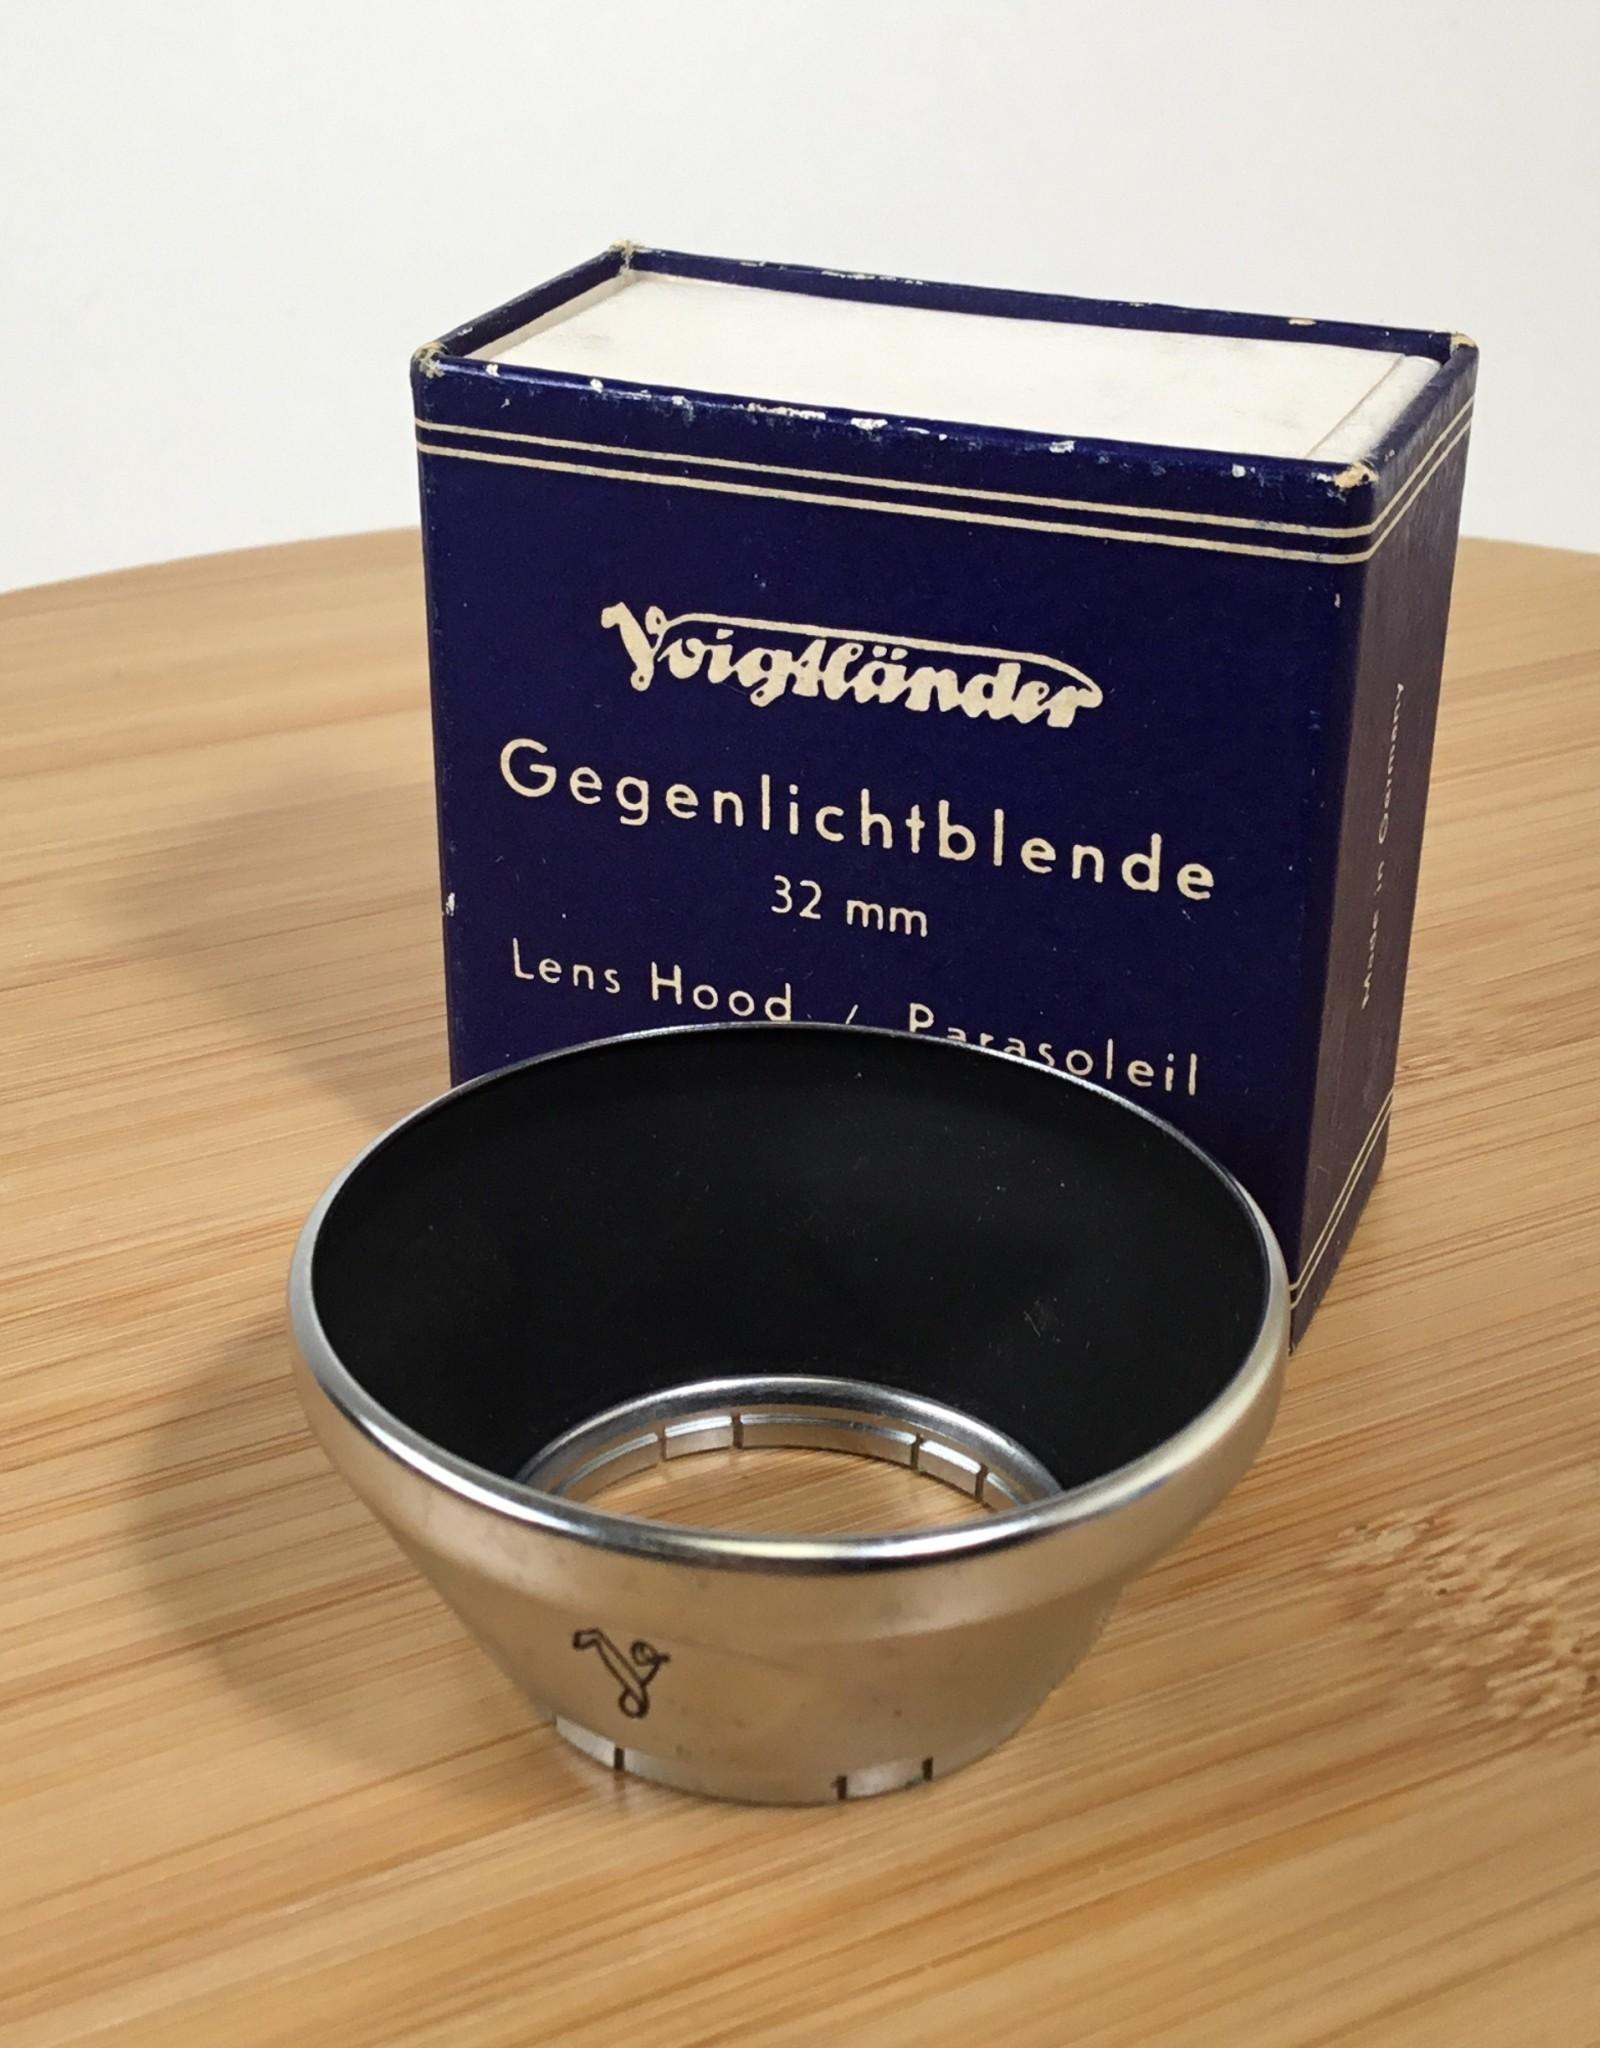 Voigtlander Voigtlander 32mm Lens hood 310/32 in box Used EX